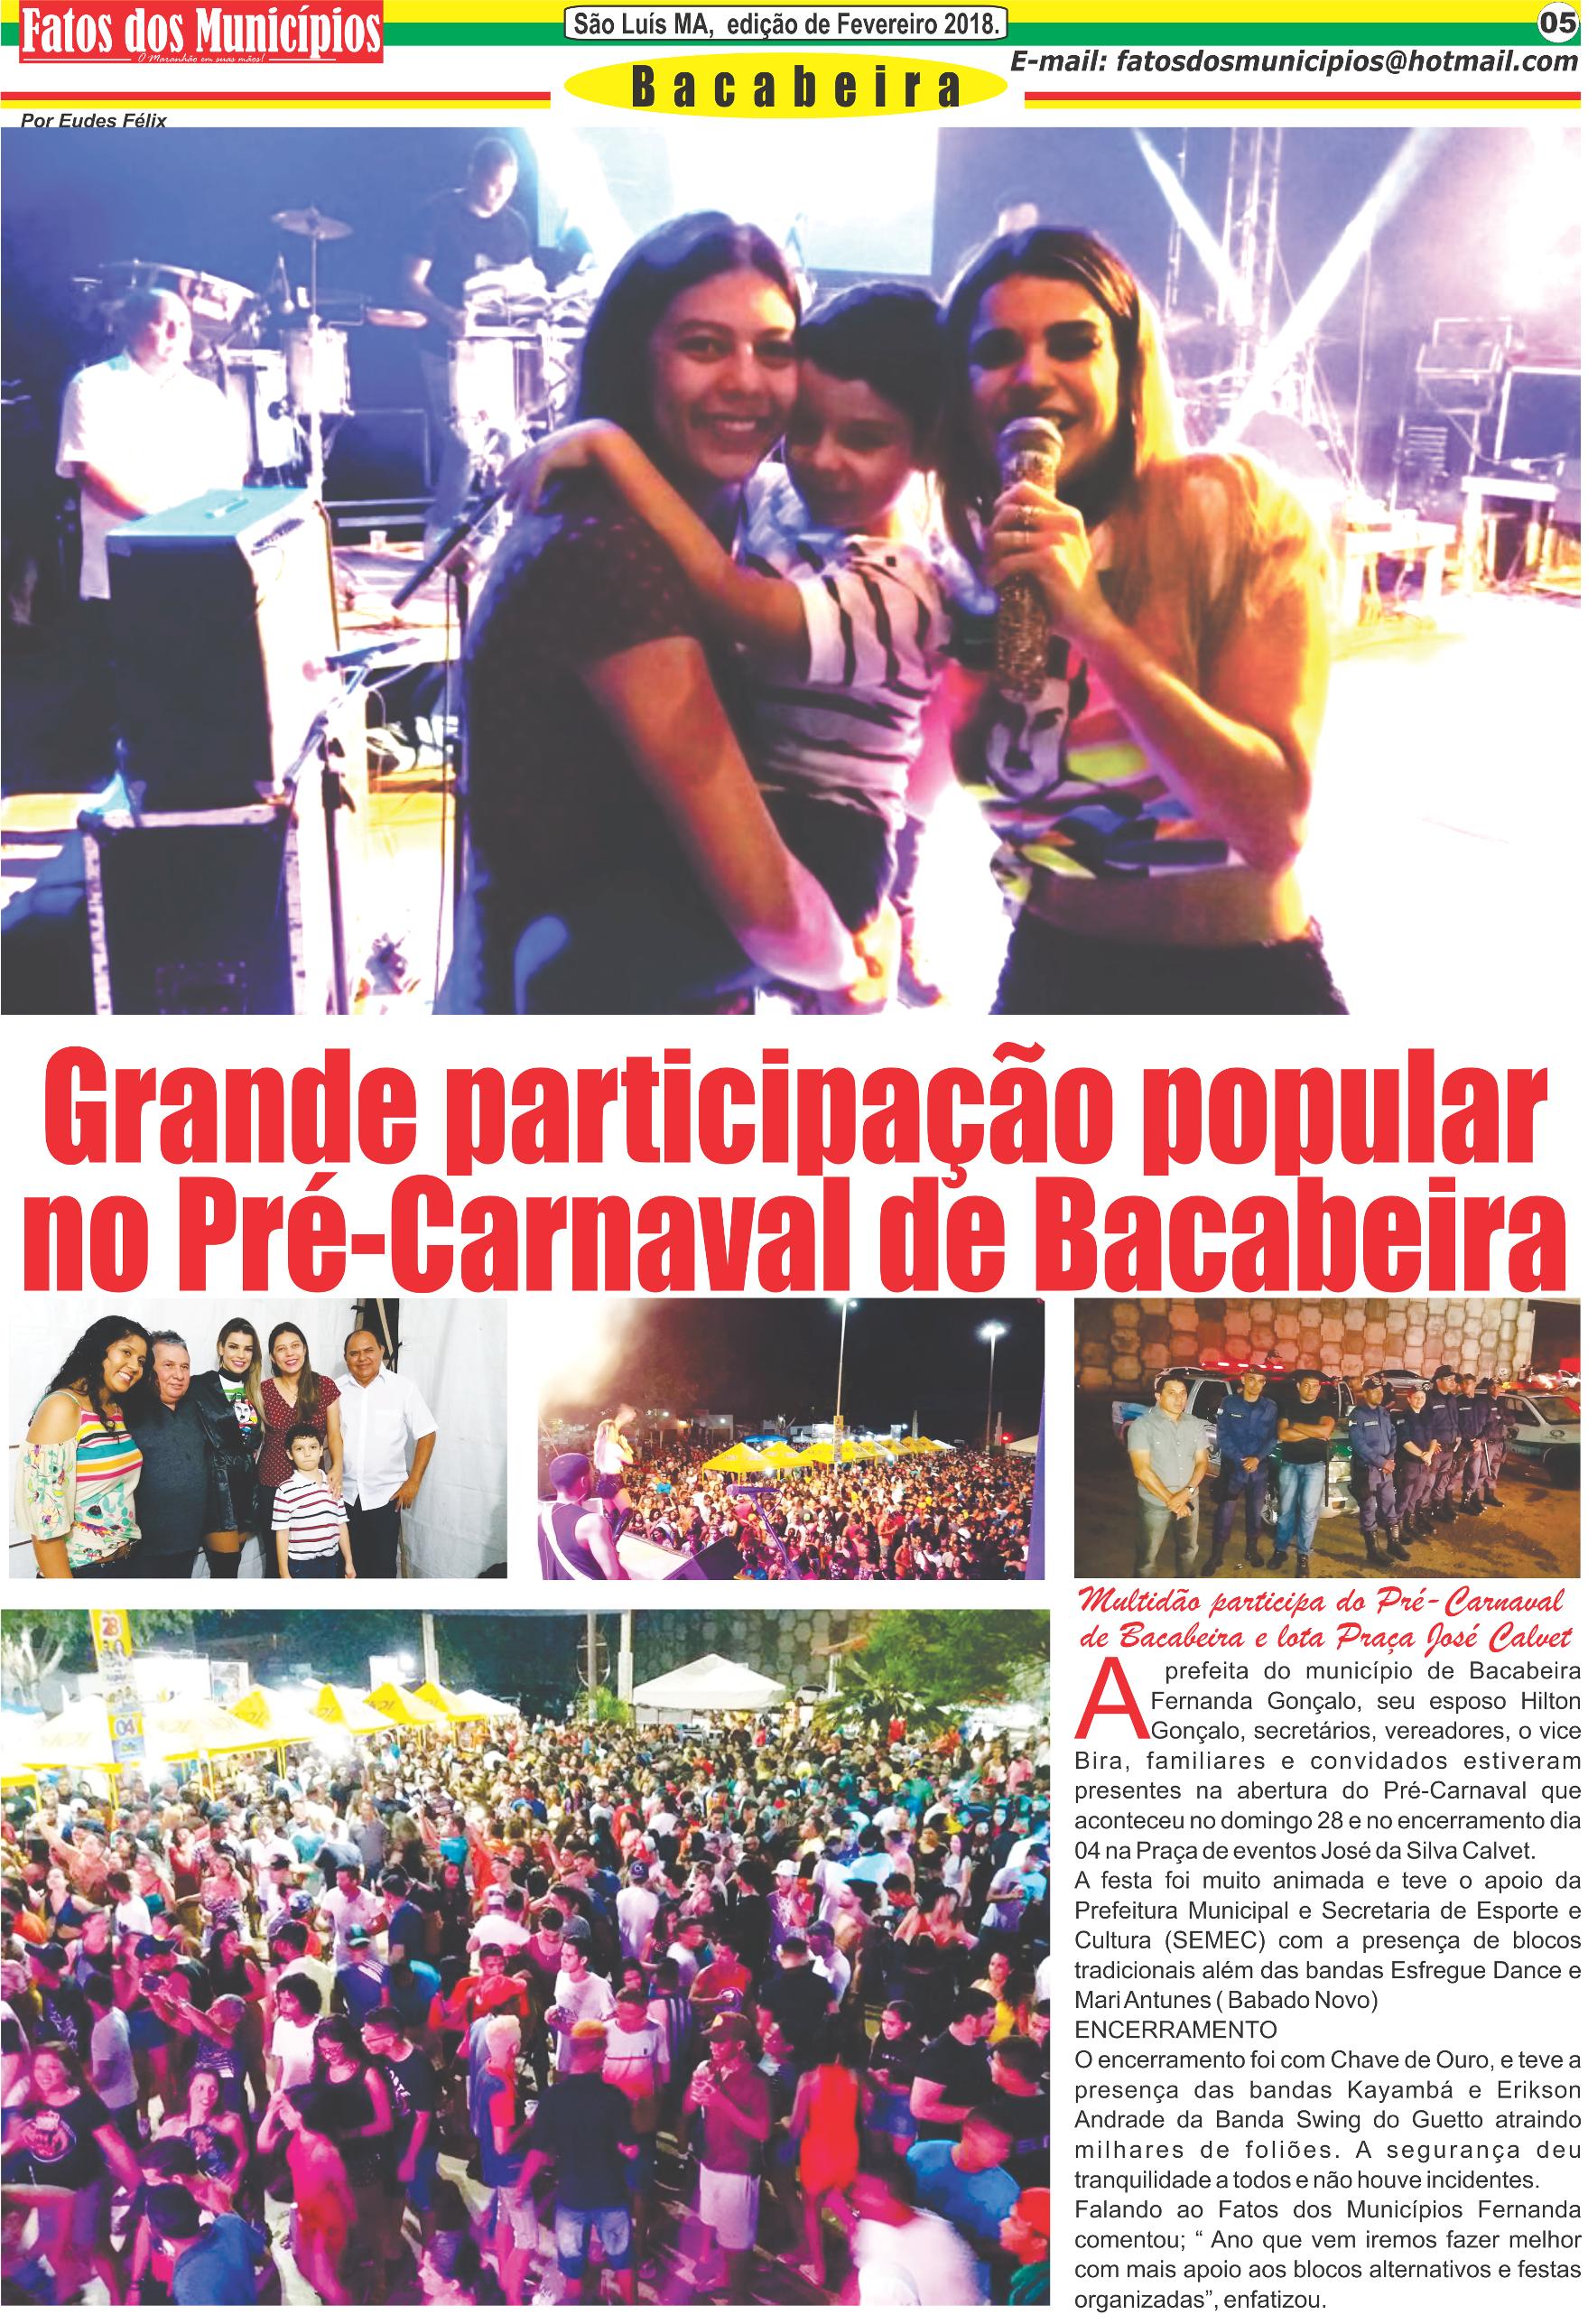 Bacabeira/Ma – Grande participação popular  no Pré-Carnaval de Bacabeira